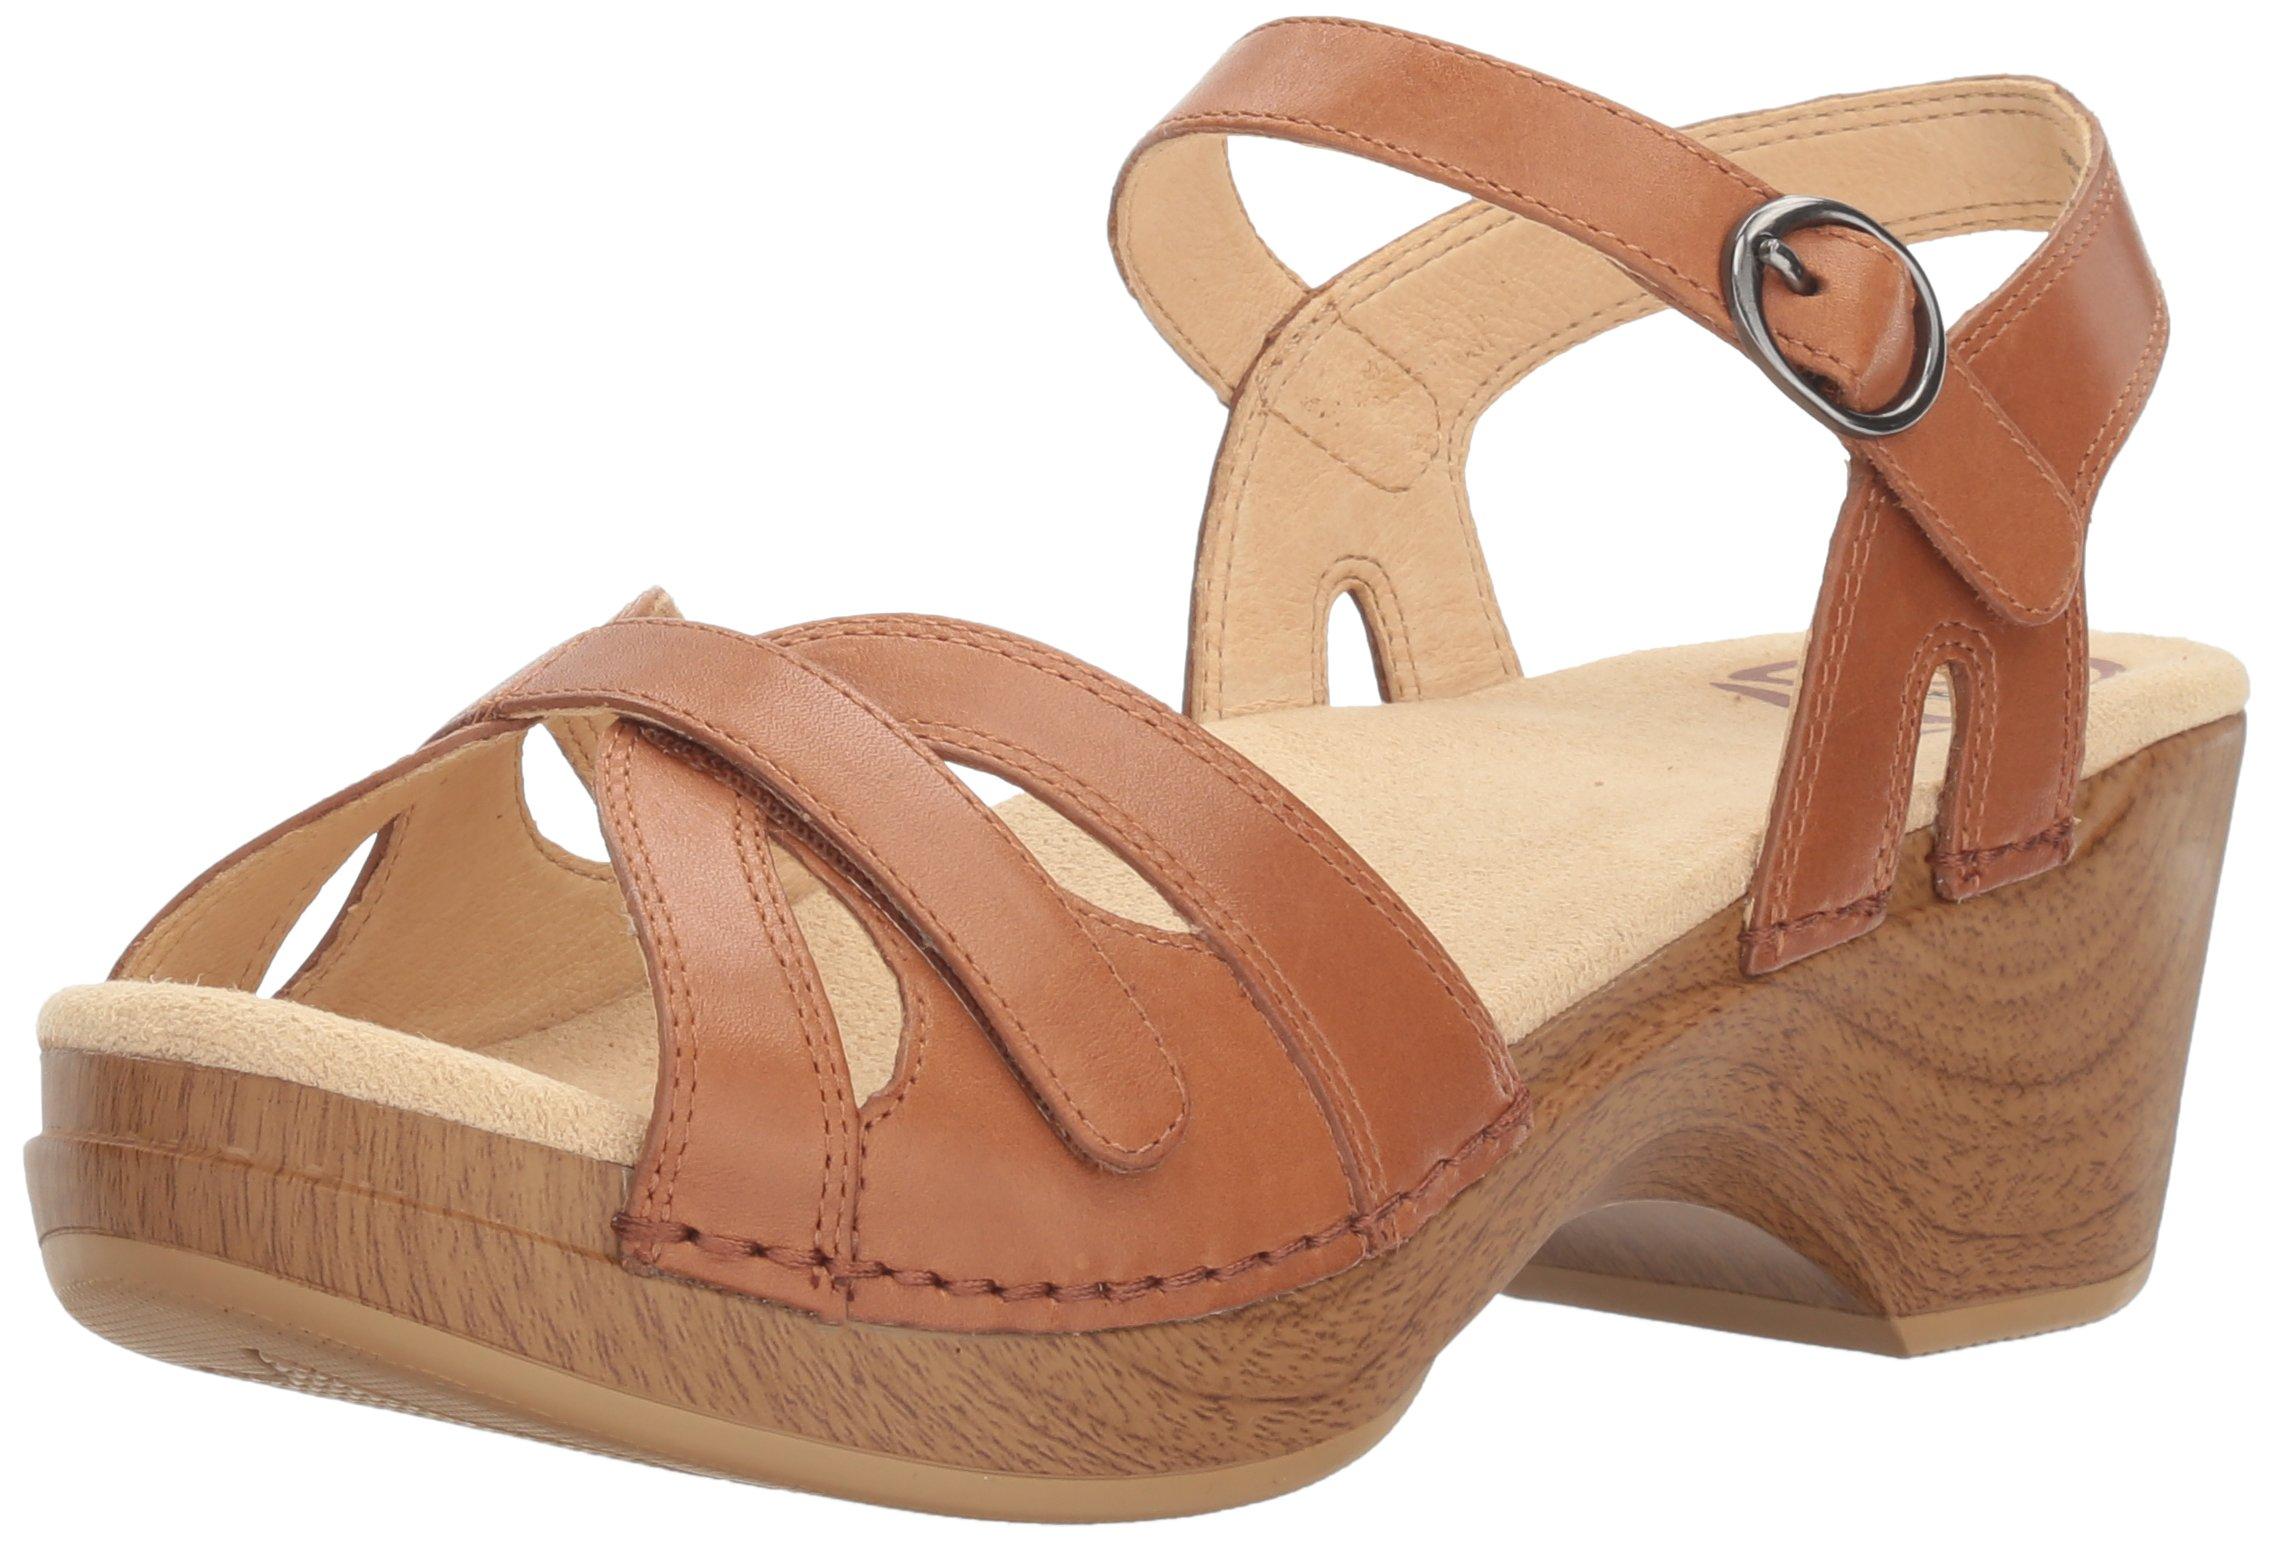 9fca9e84860f Galleon - Dansko Women s Season Flat Sandal